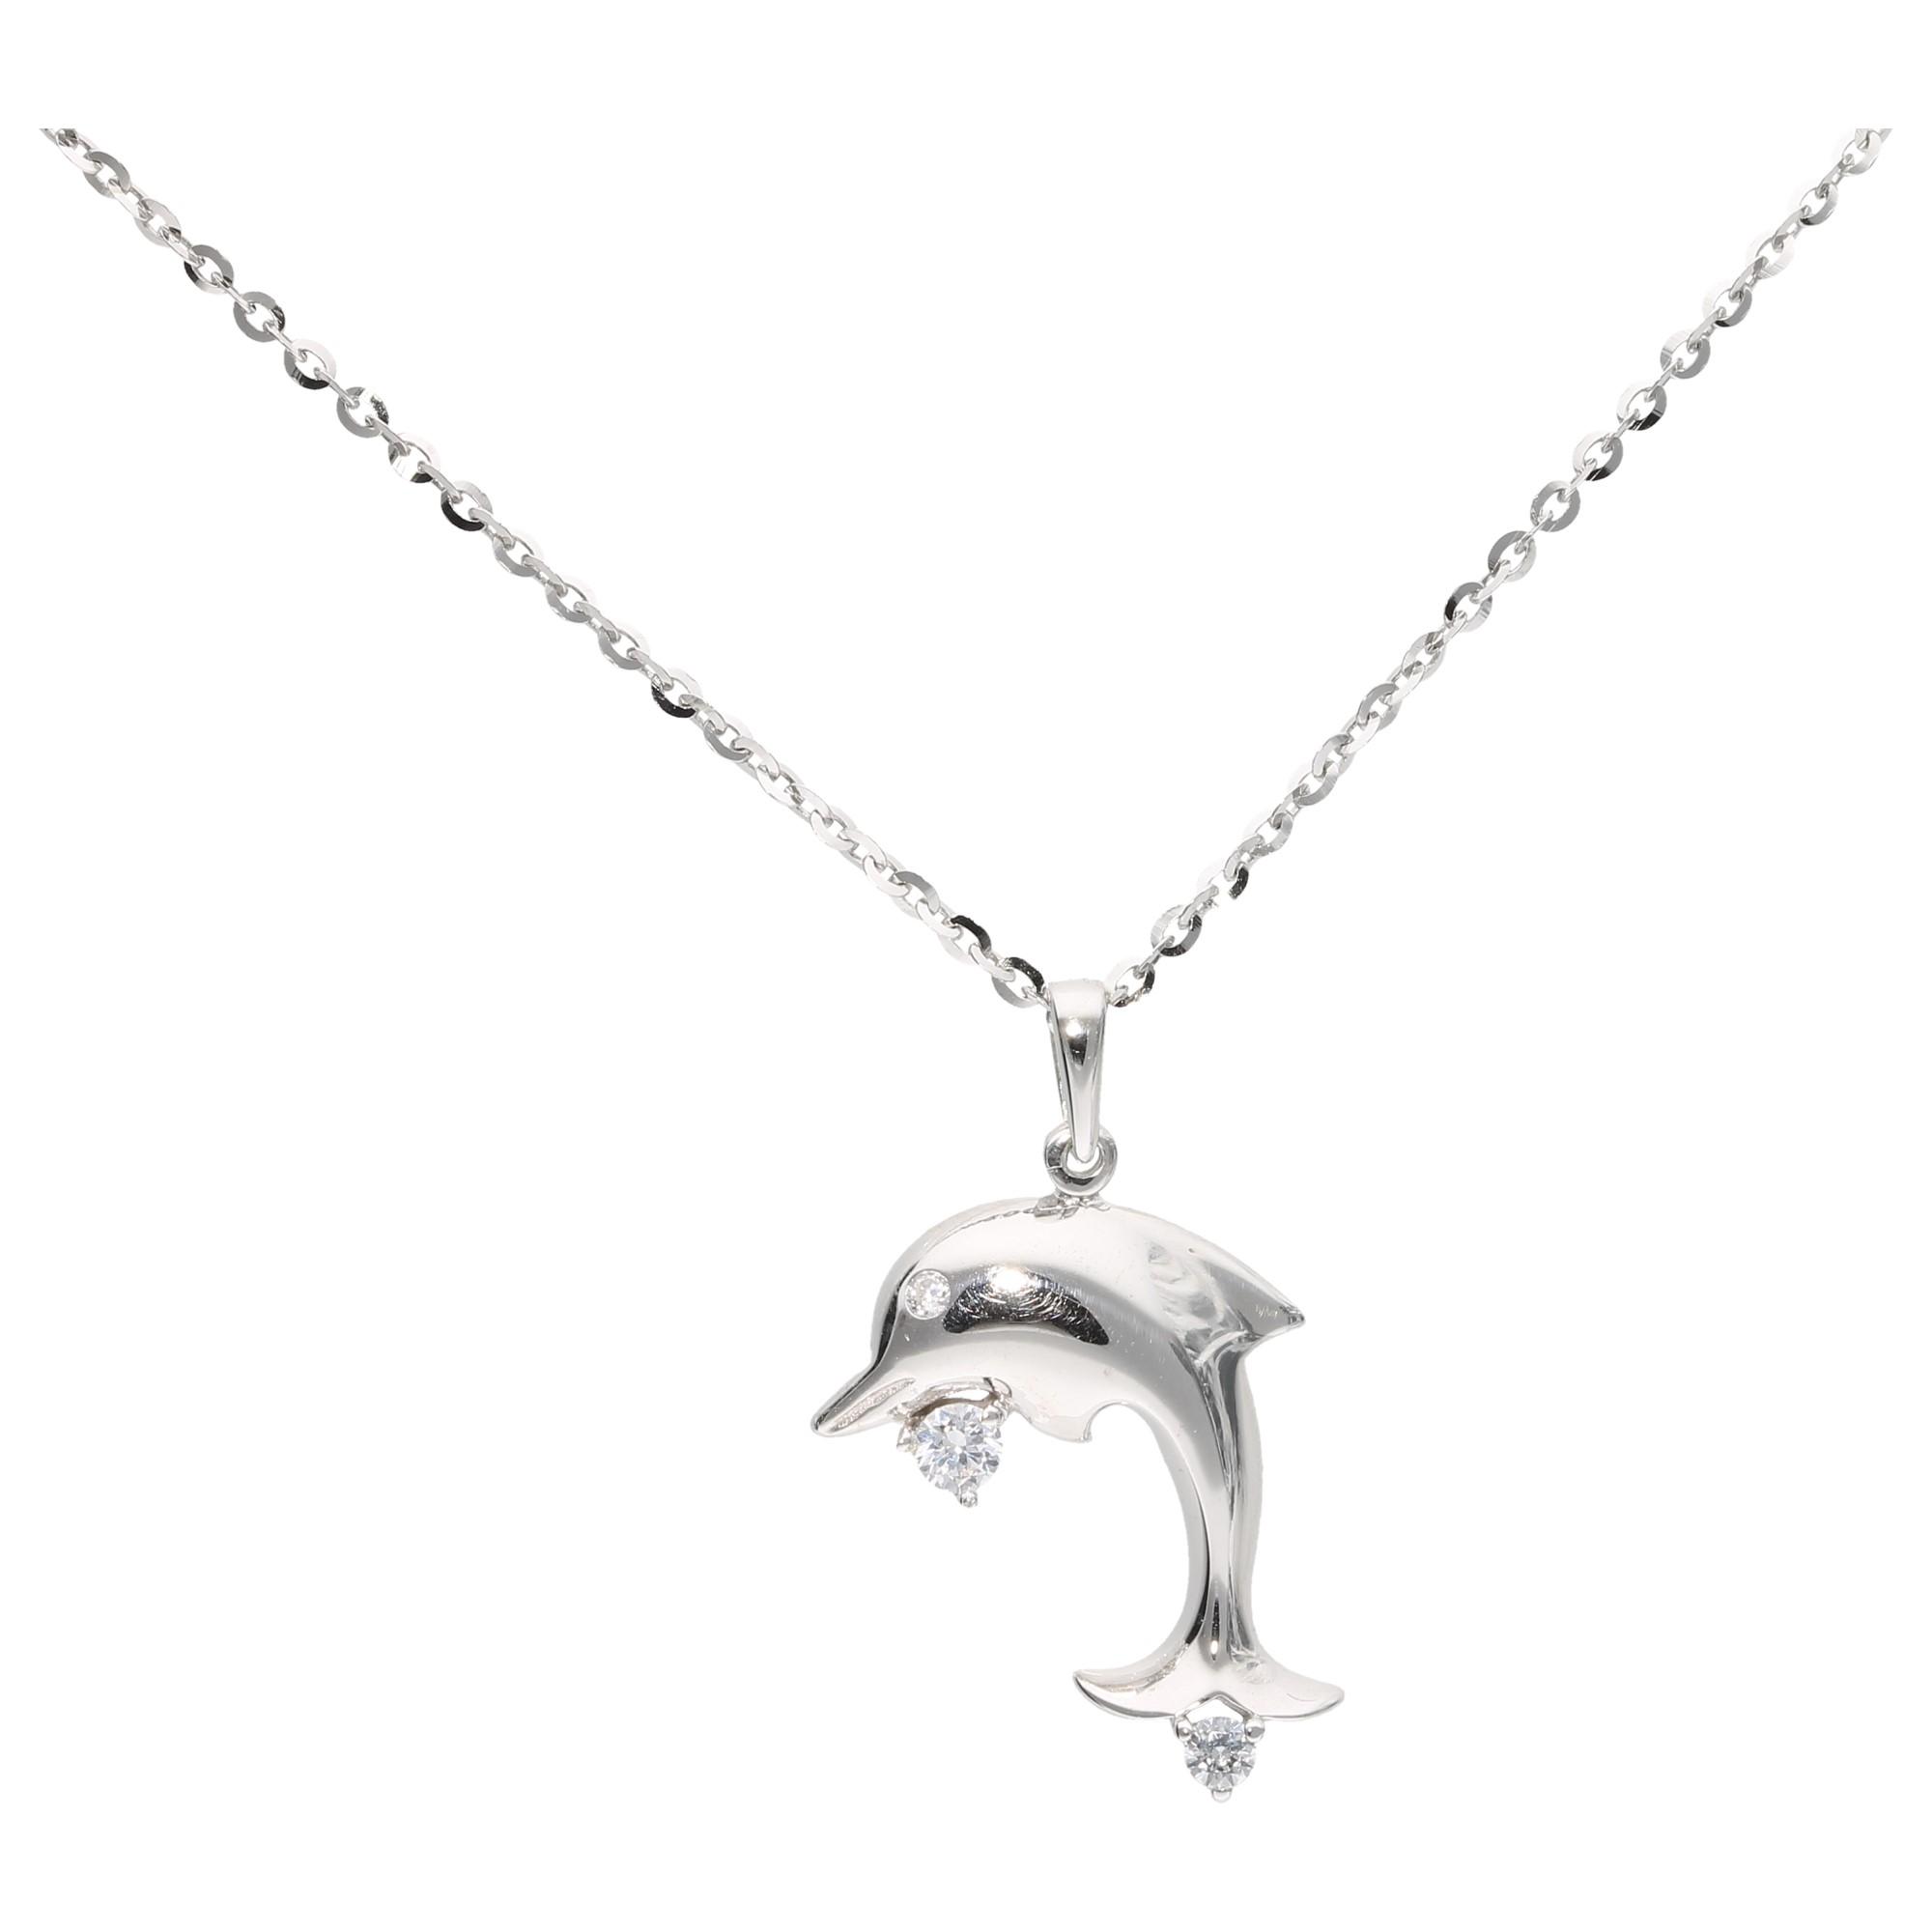 Anhänger Delfin mit Zirkonia, Silber 925